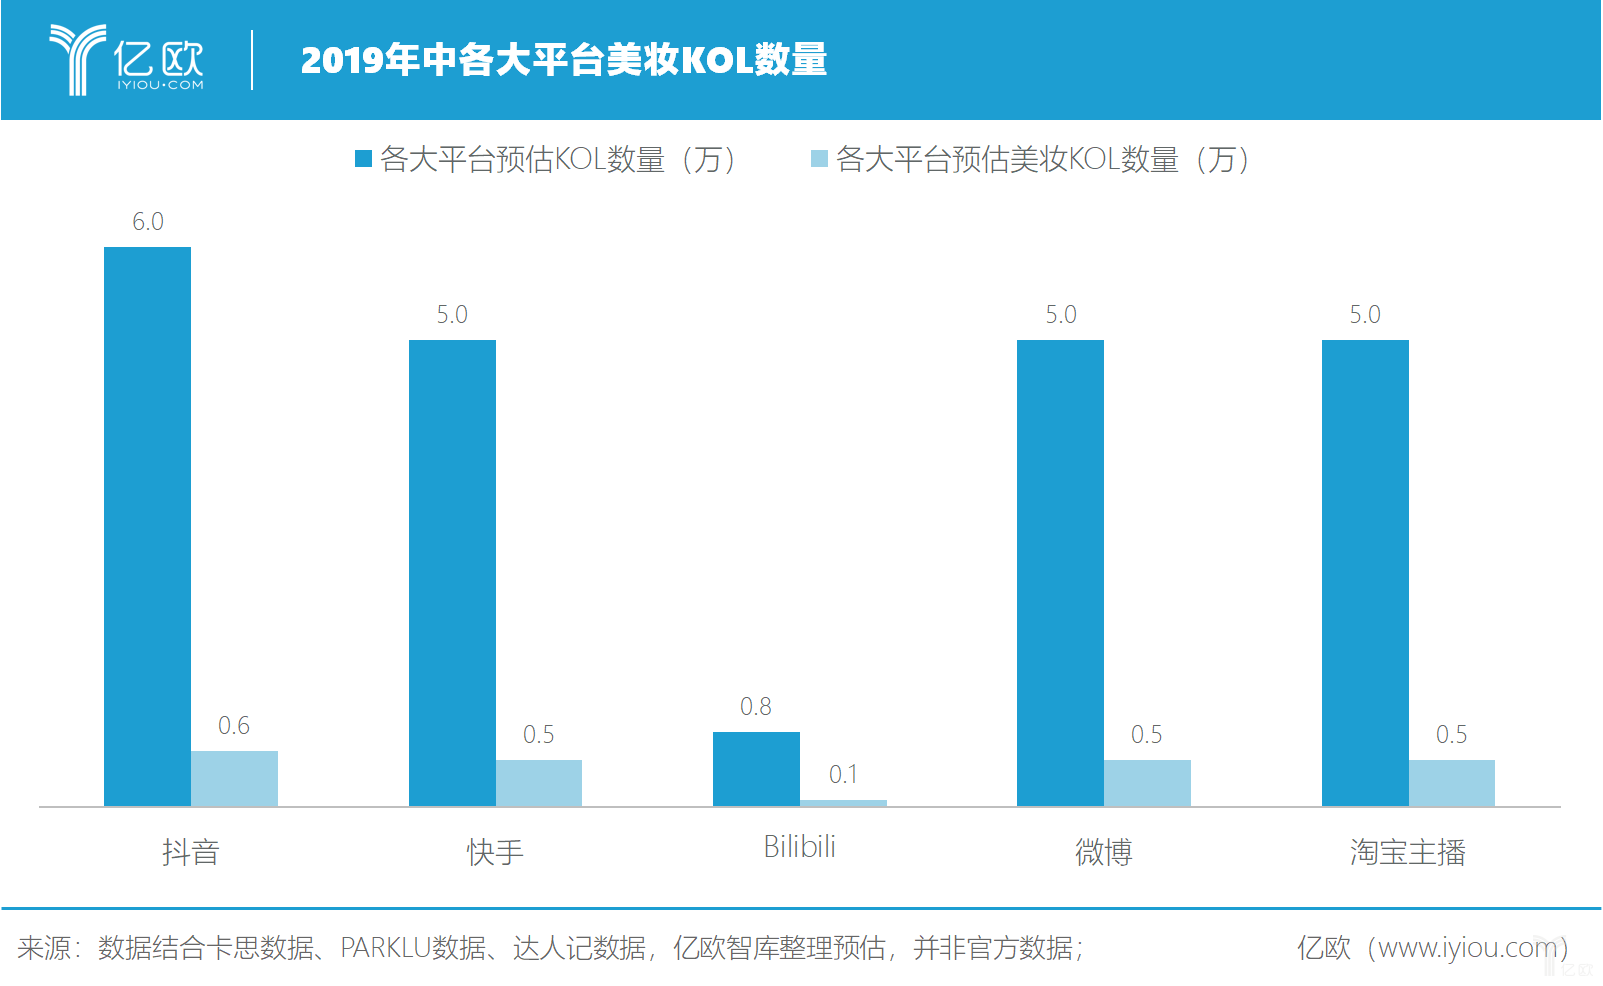 亿欧智库:2019年中各大平台美妆KOL数量